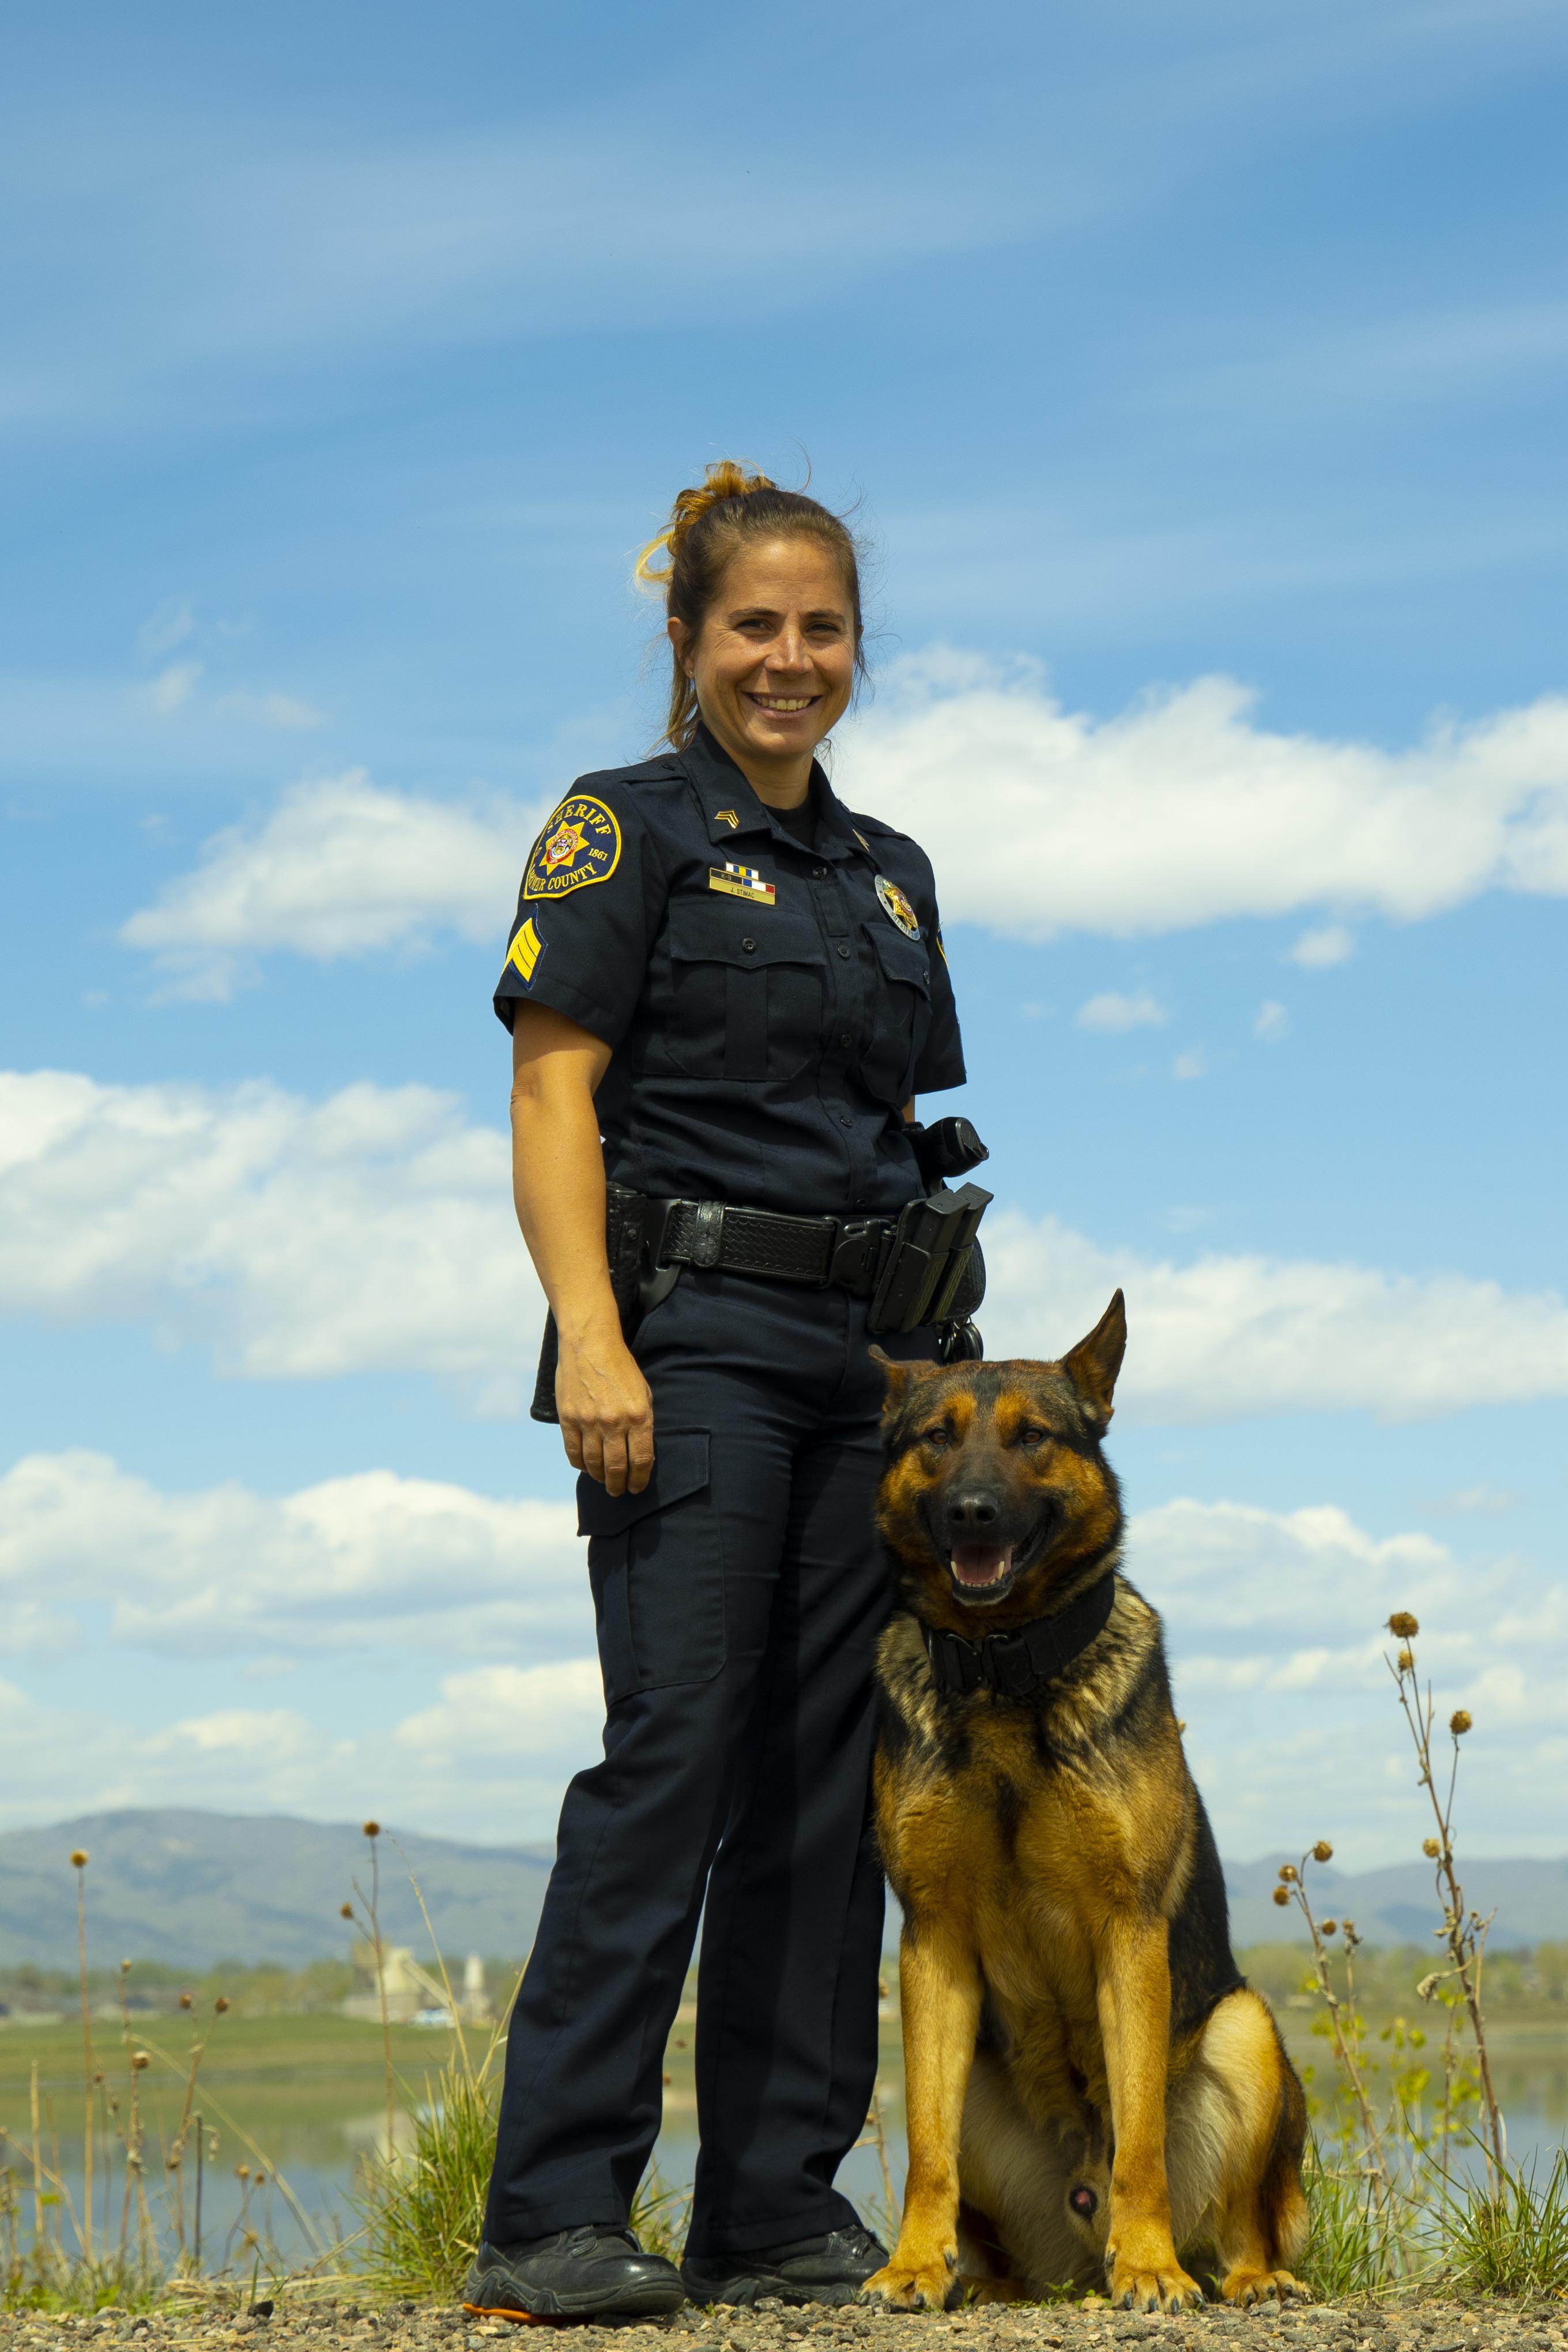 Image 1: Sergeant Jackie Stimac and K9 Negan (German Shepherd / Belgian Malinois Mix)